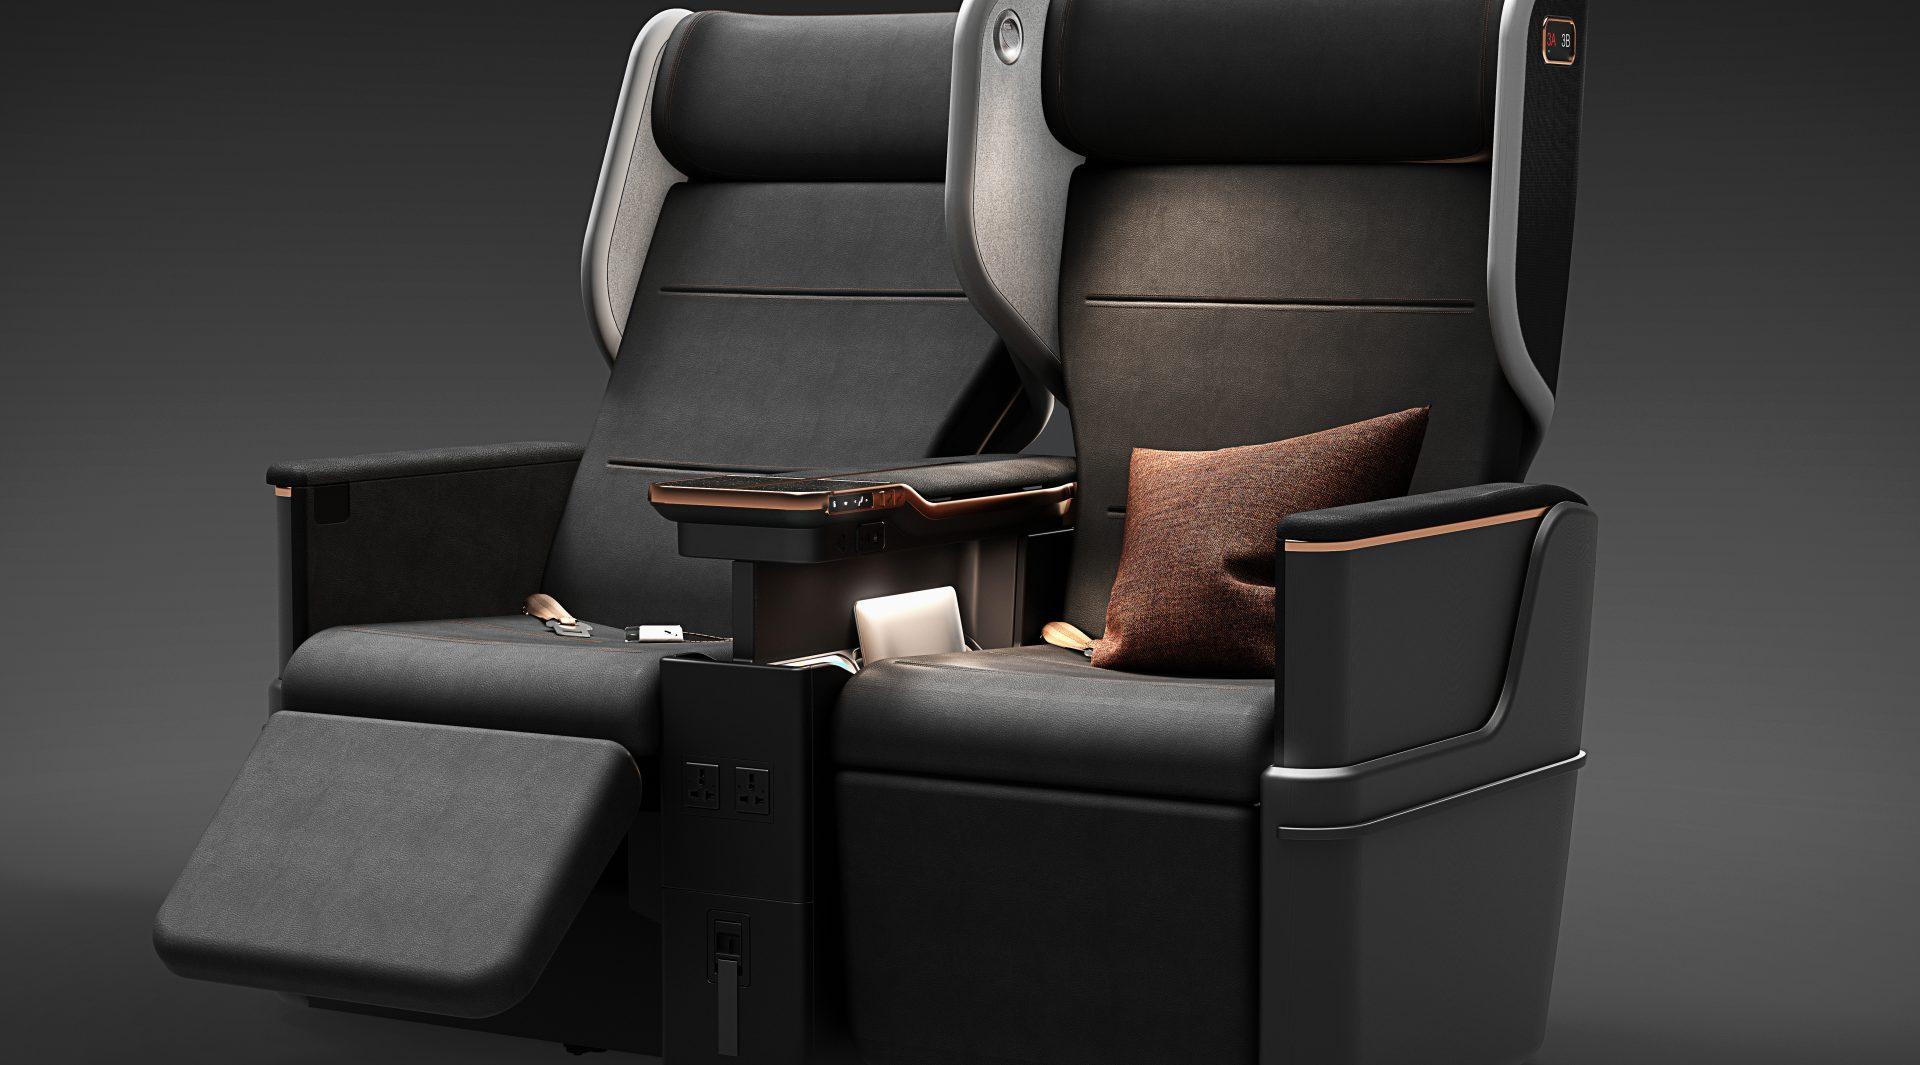 TSI Seats